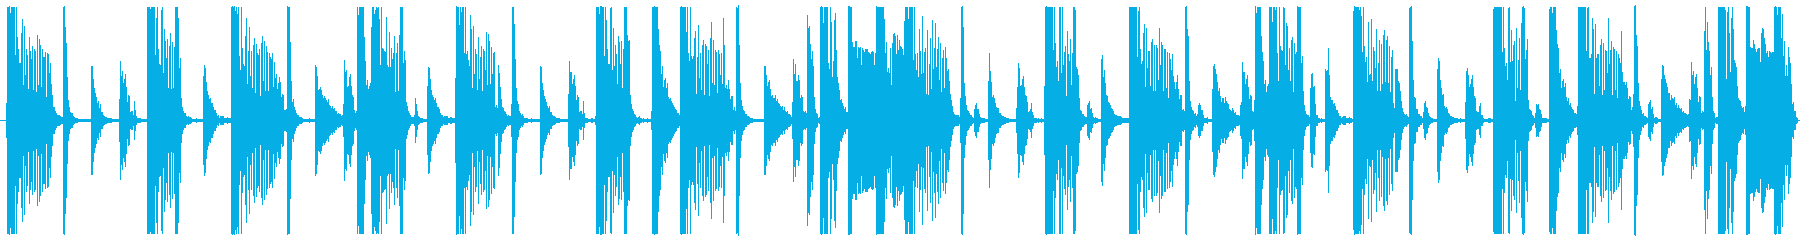 8小節 beat BPM90の再生済みの波形